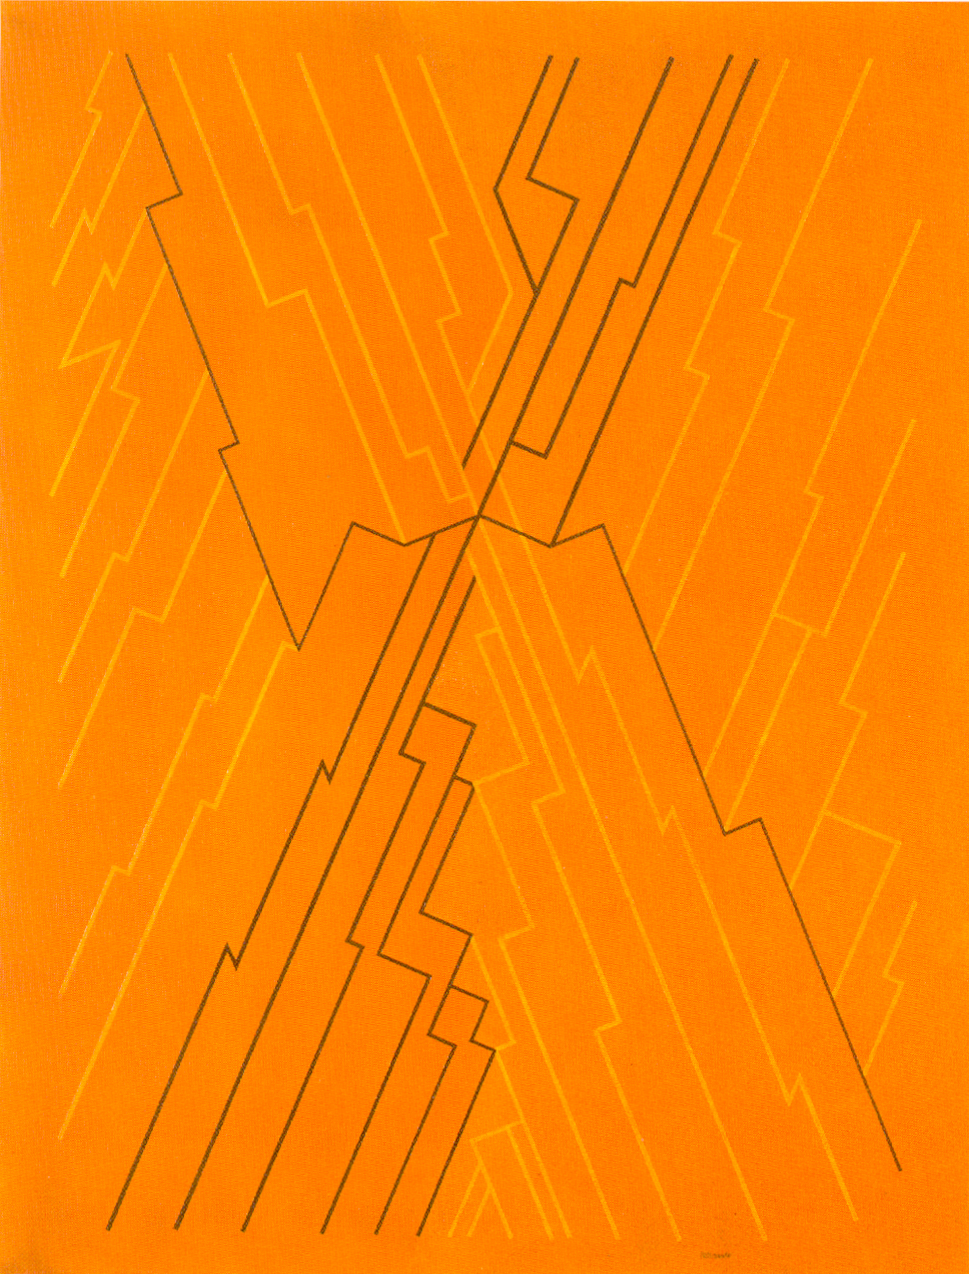 """Pintura """"Conjunctionis VI """" de Pablo Palazuelo. Óleo sobre lienzo. 1993"""